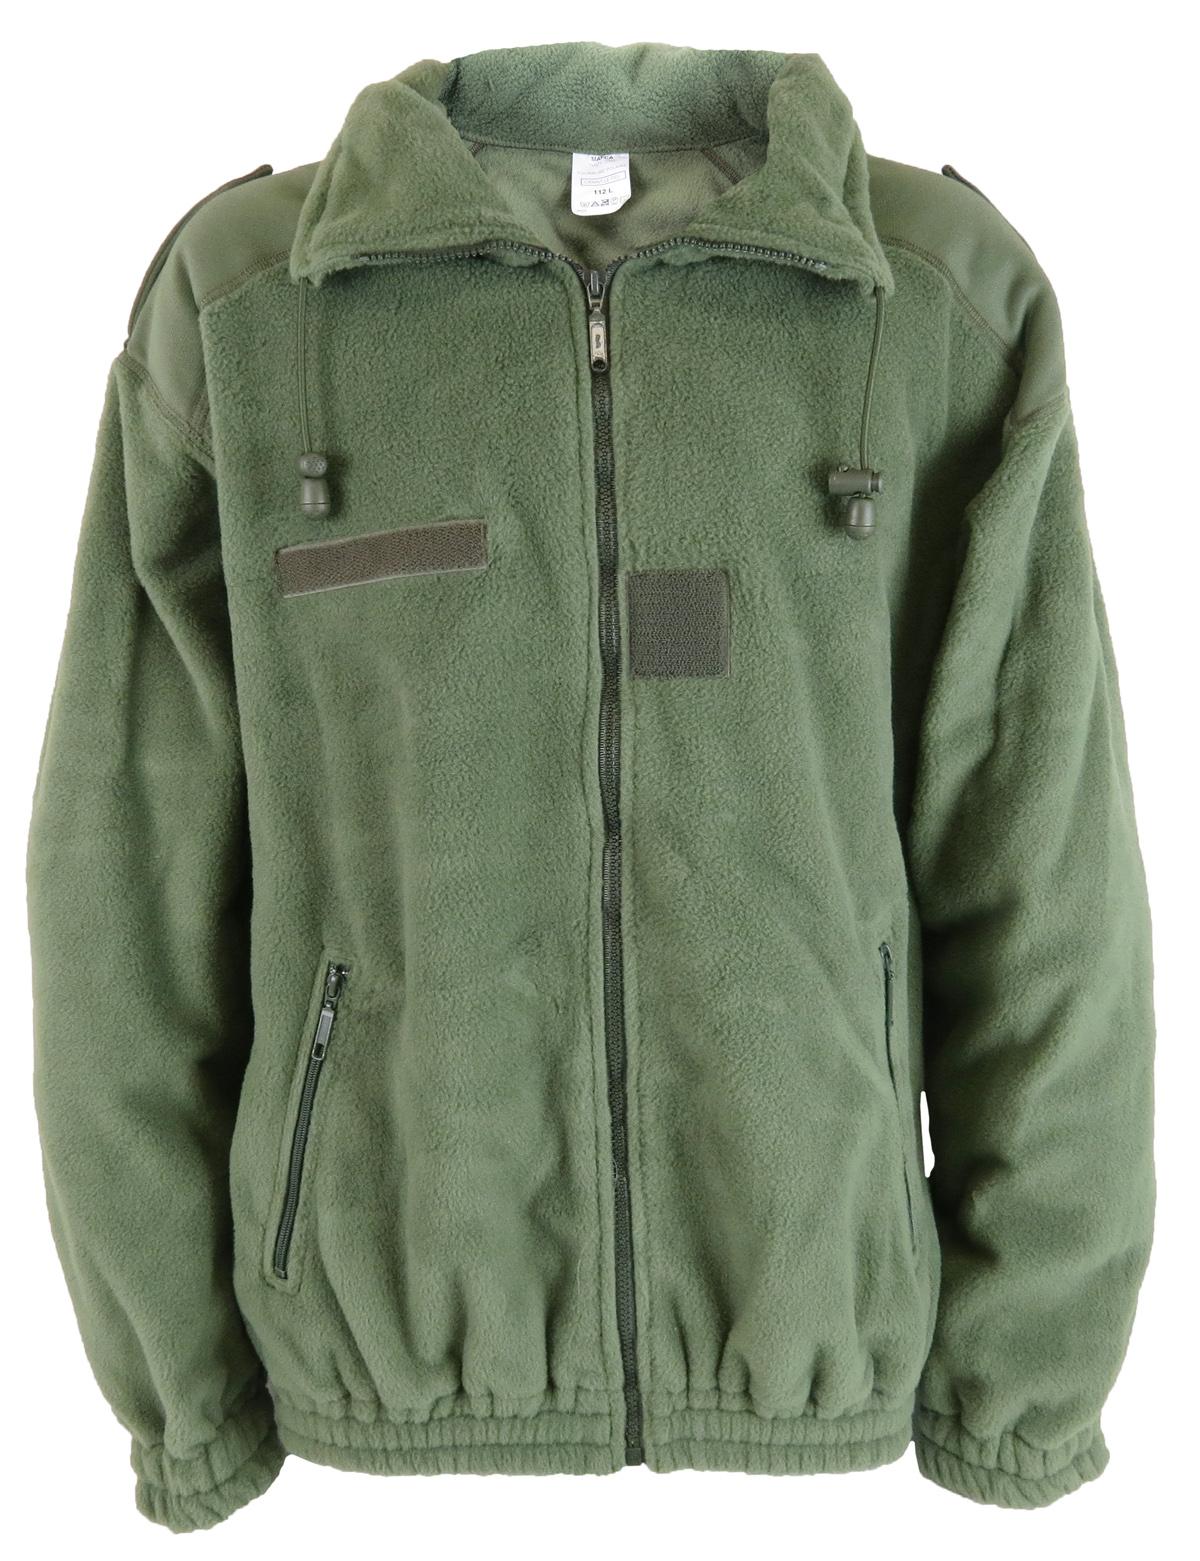 French Army Fleece Jacket